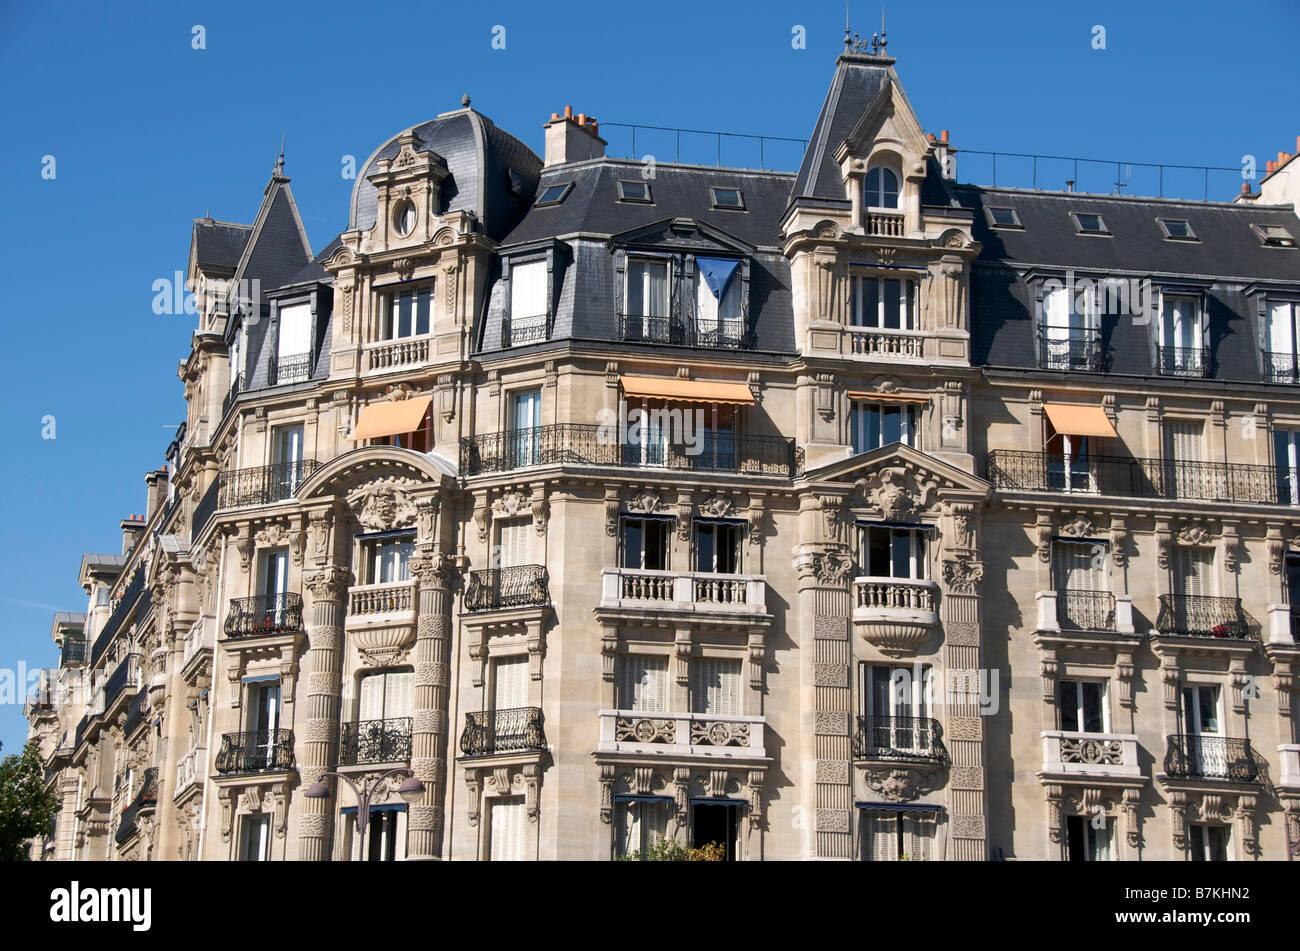 Immeuble Haussmannien à Paris. La France. Banque D'Images